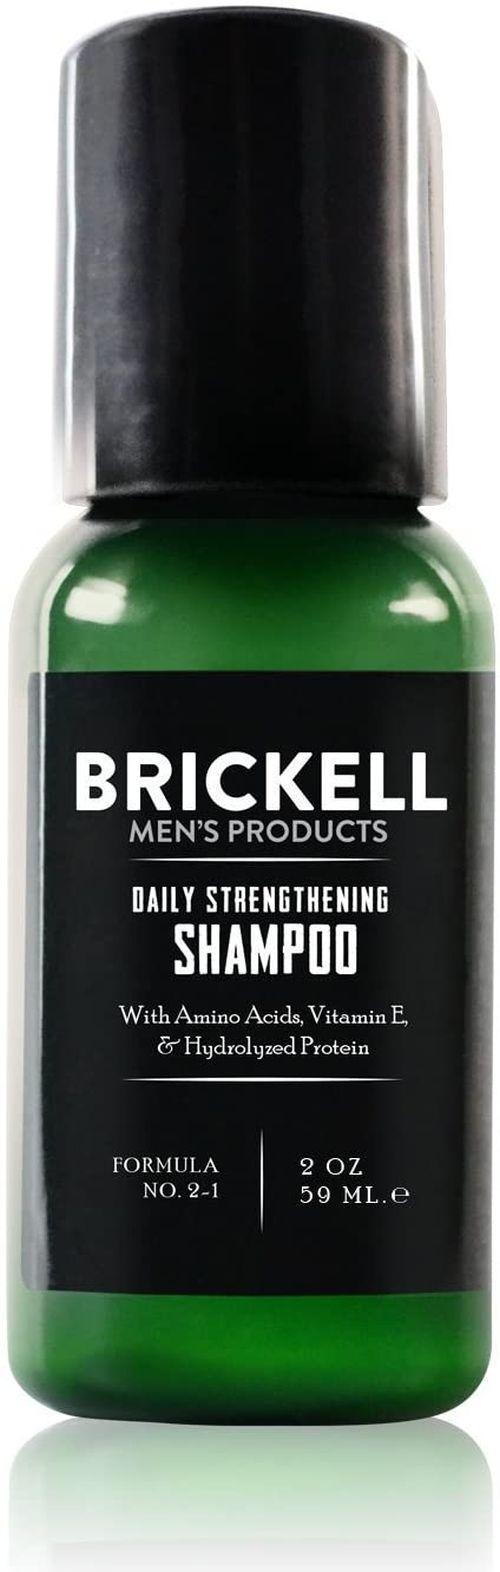 Champú sin sulfatos para hombres Brickell mens